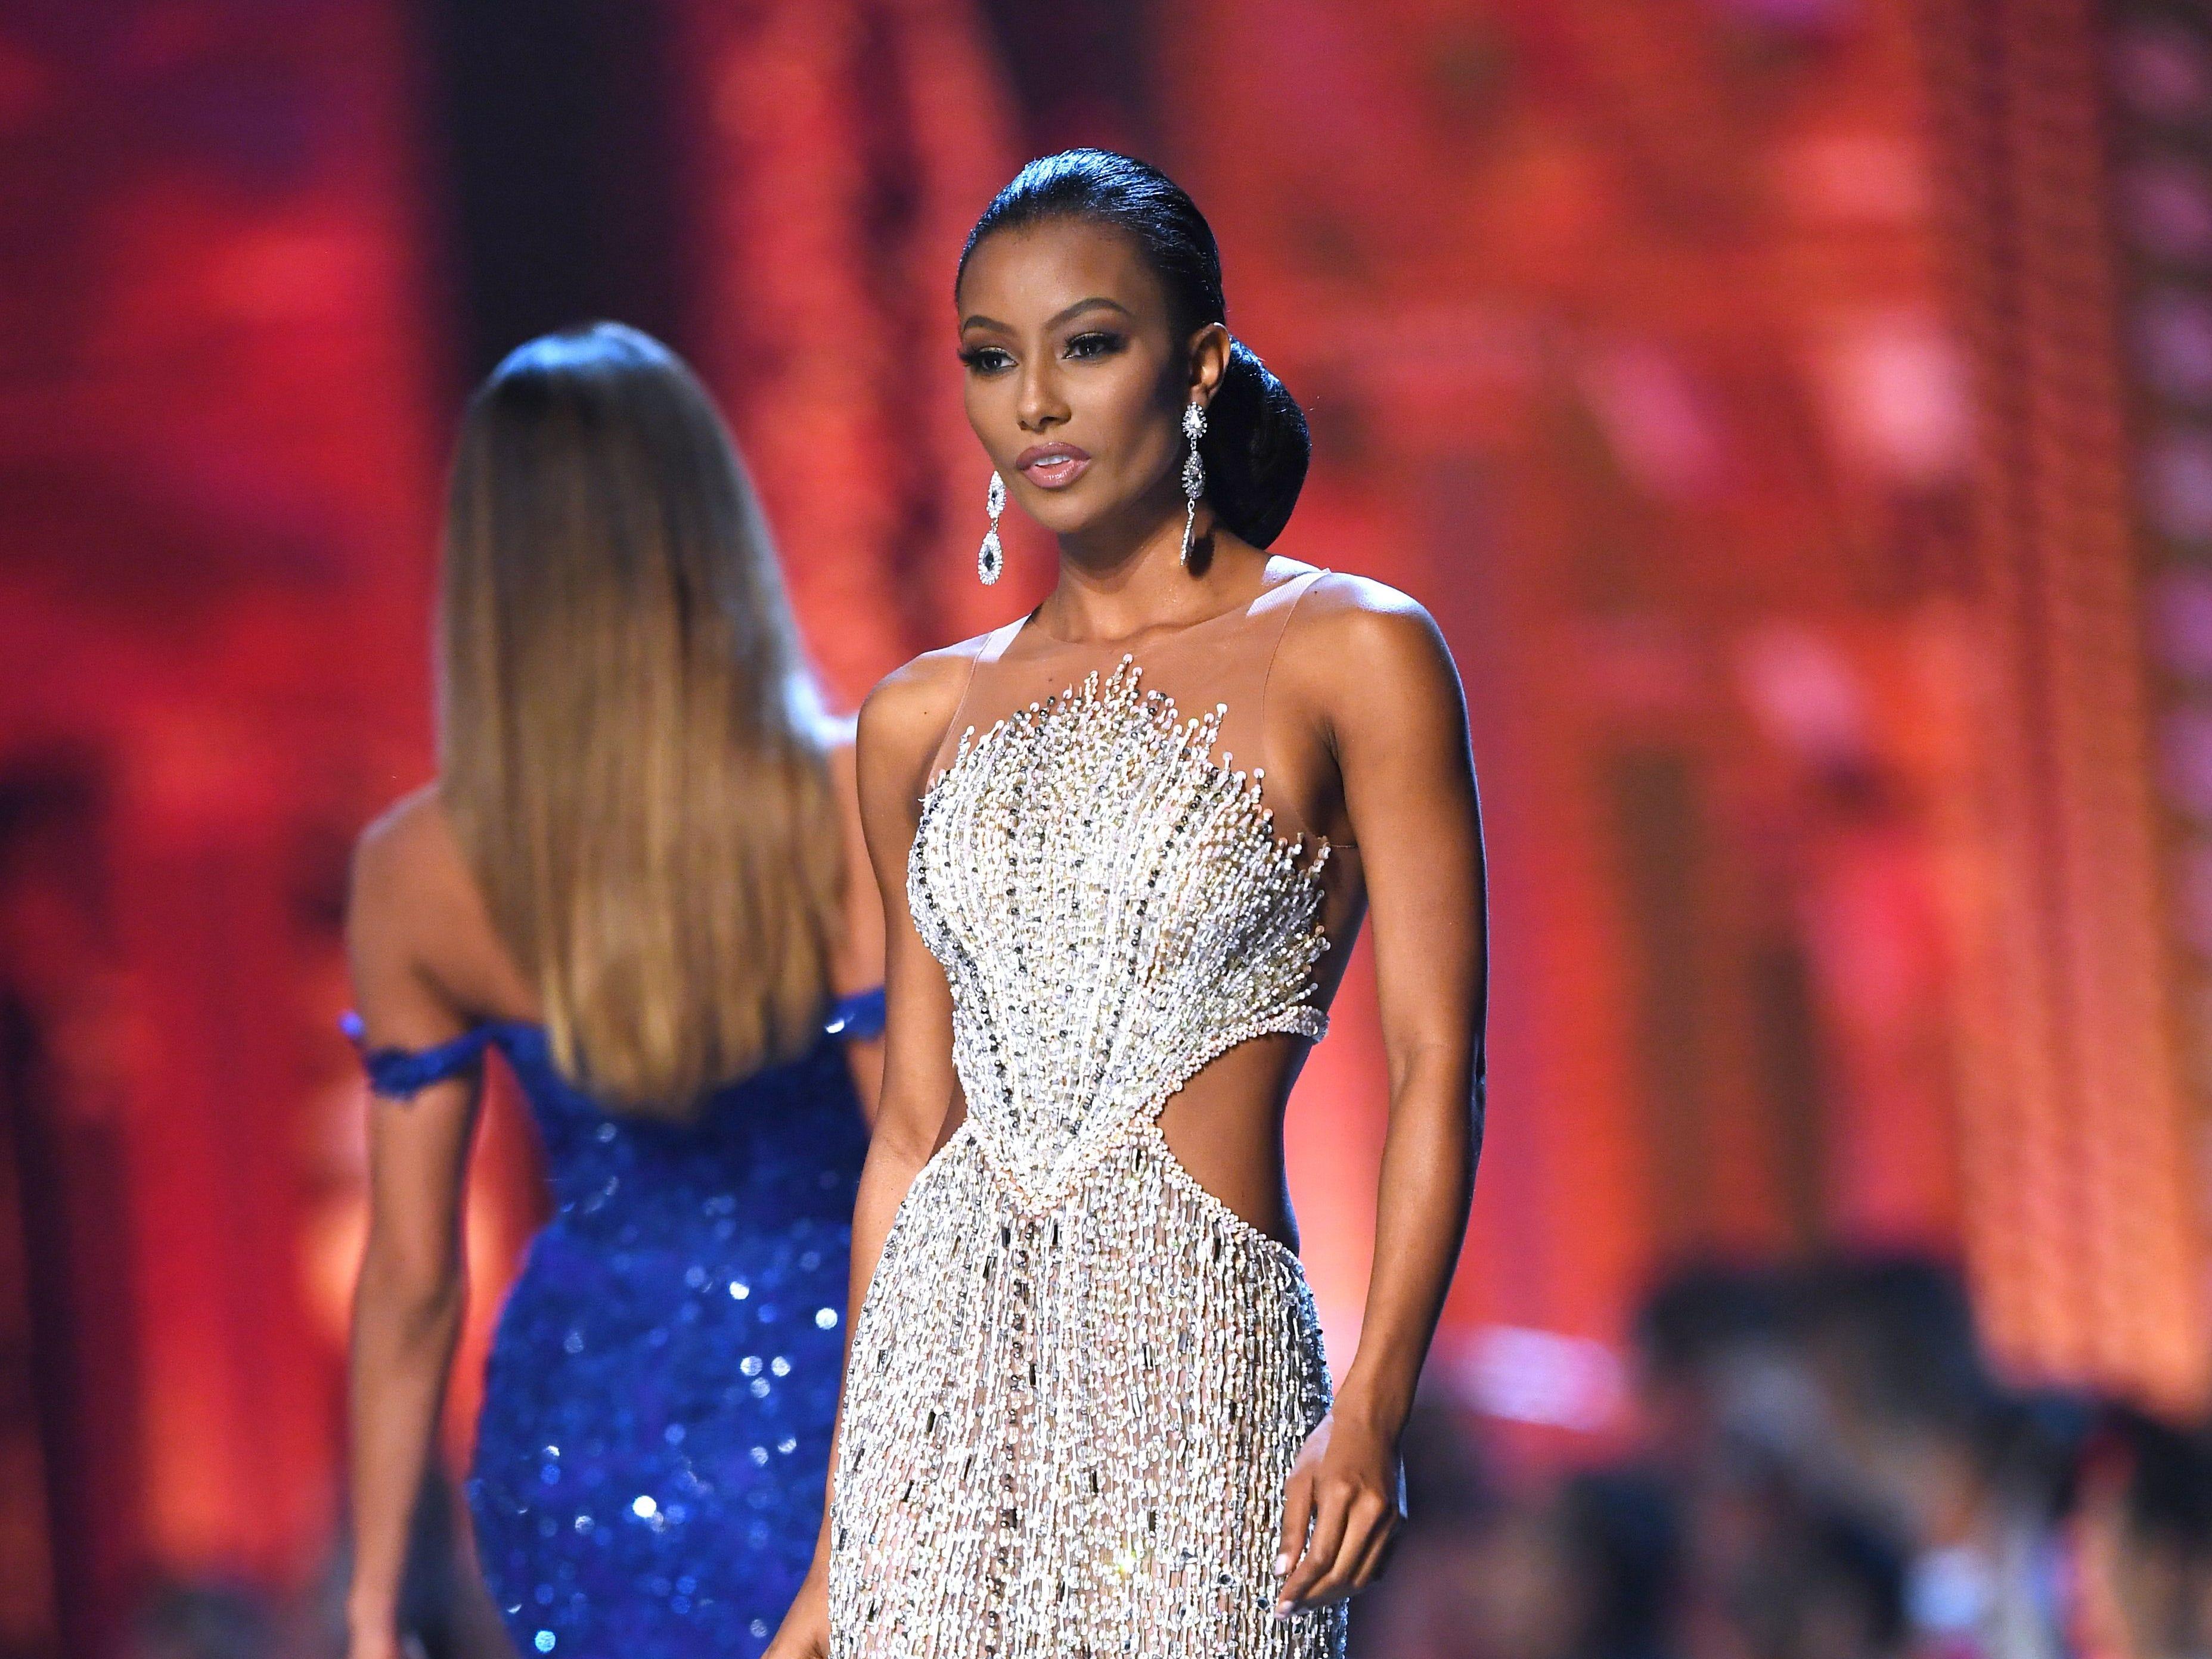 Akisha Albert de Curacao en la pasarela luego de ser seleccionada como las 10 mejores finalistas durante el concurso Miss Universo 2018 en Bangkok el 17 de diciembre de 2018.